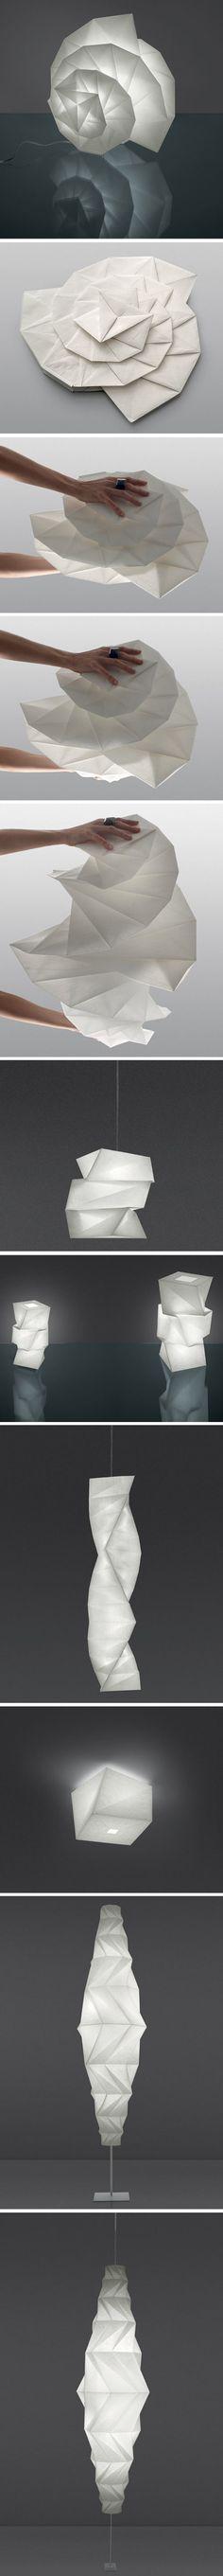 IN-EI par Issey Miyake pour Artemide - Journal du Design